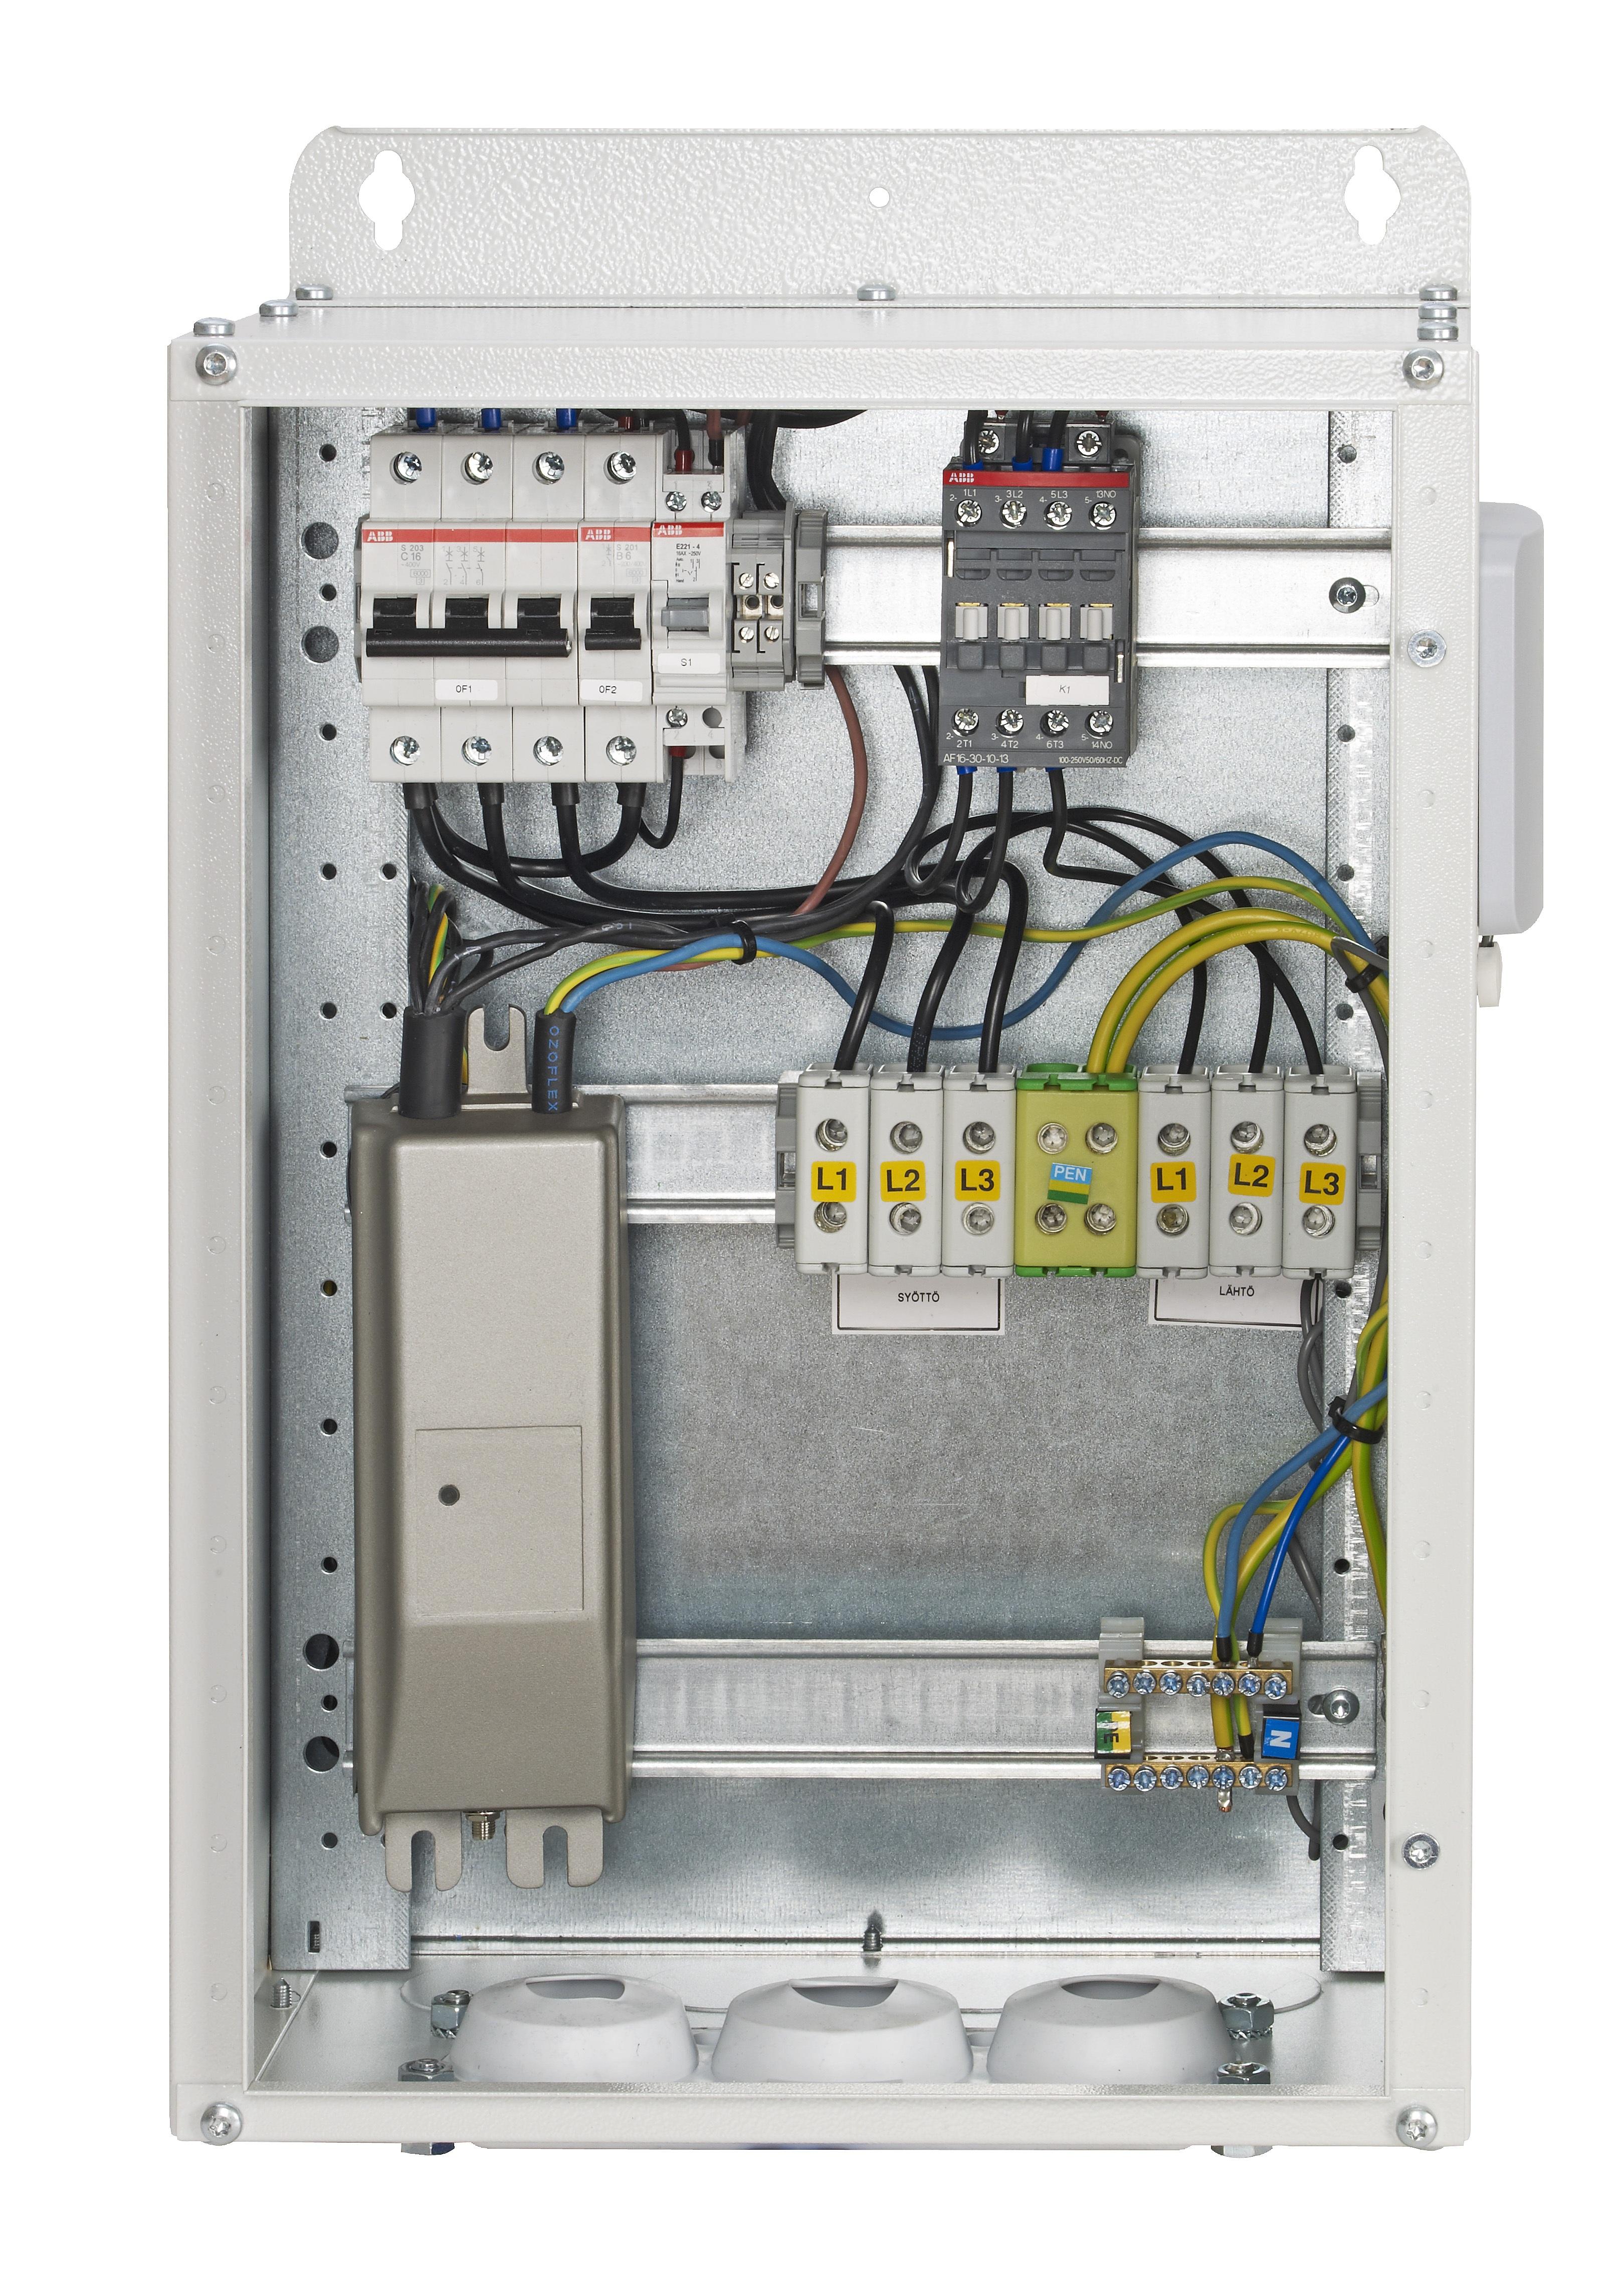 Компактный контрольный центр c smartlight oyc smartlight oy Компактный контрольный центр order number c2 2614123